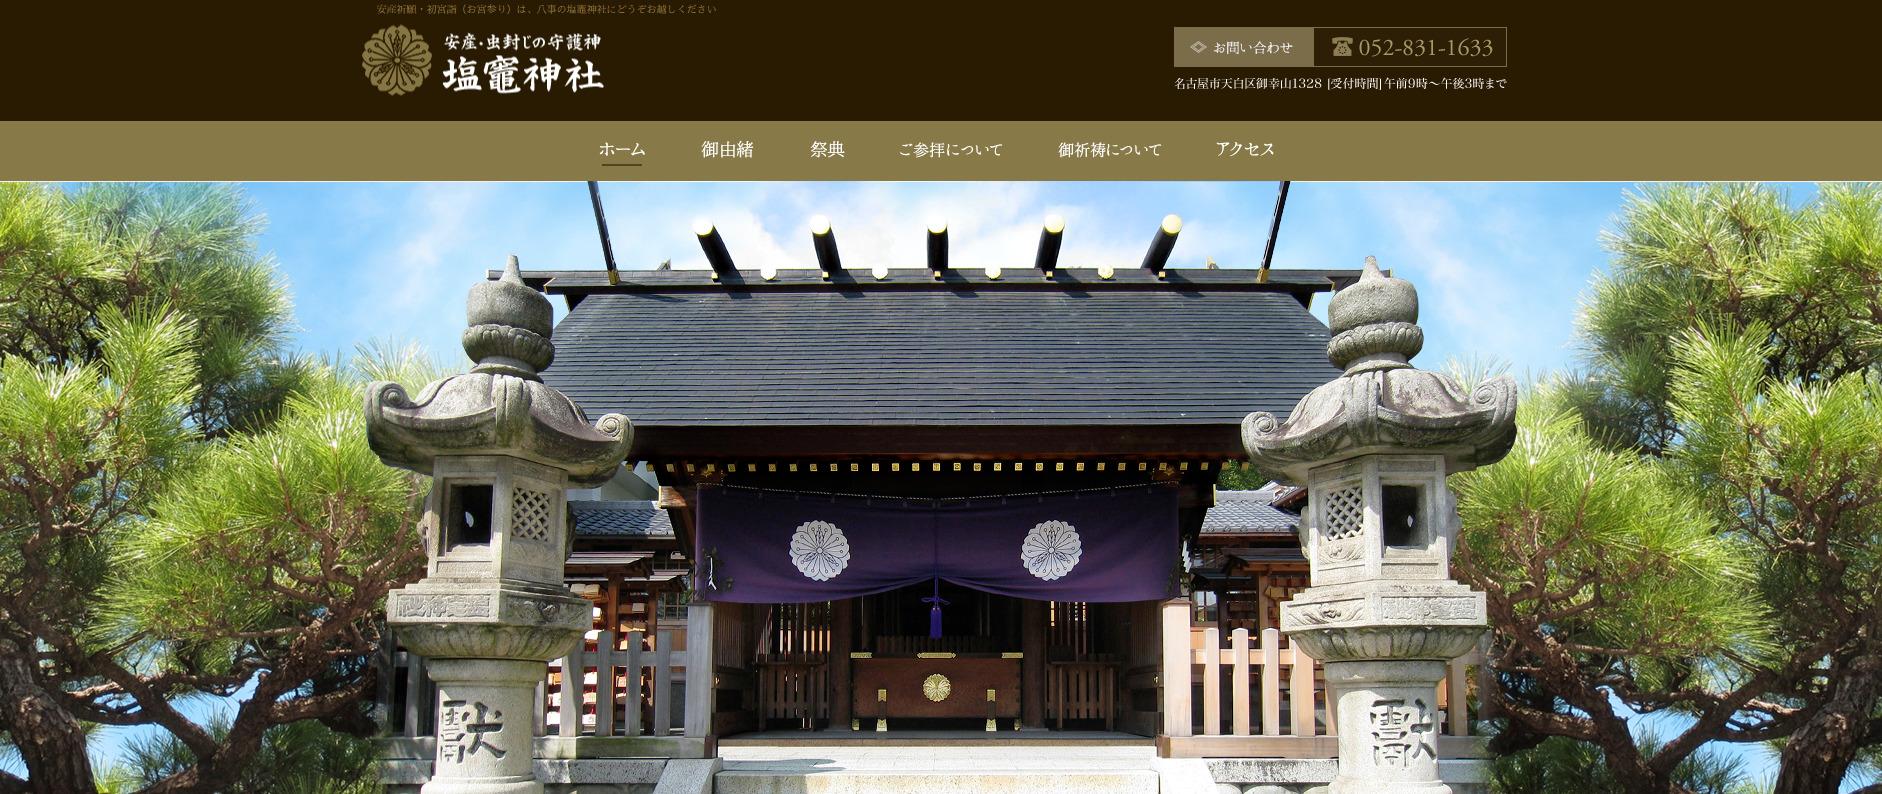 妊婦さん パワースポット 安産 塩竈神社 名古屋 愛知県